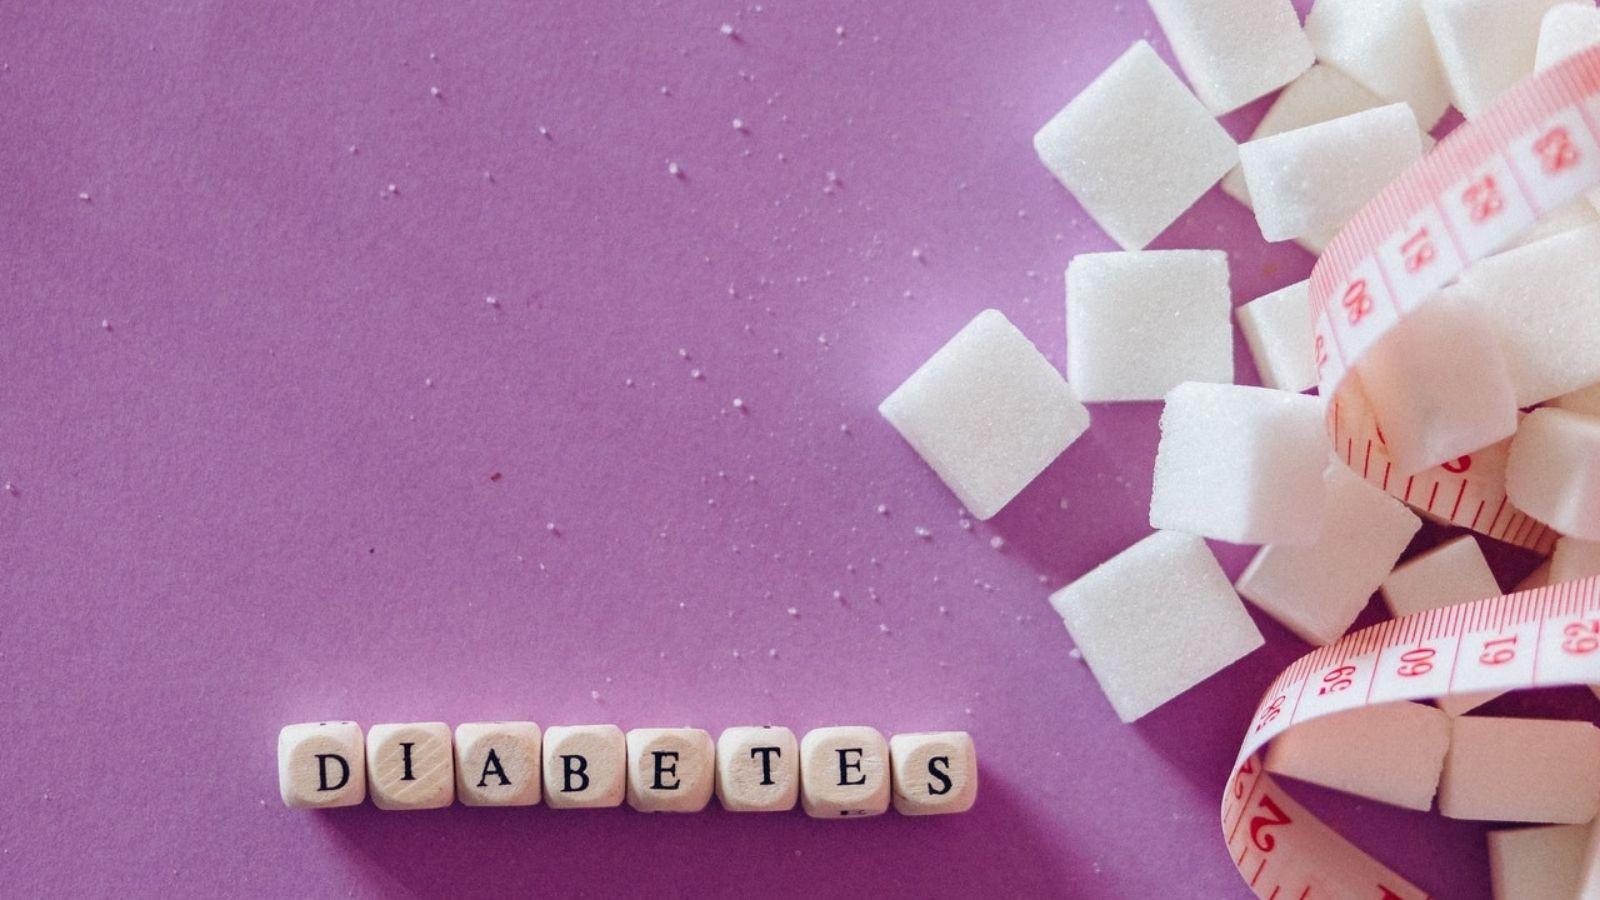 Diabetes Measuring Tape